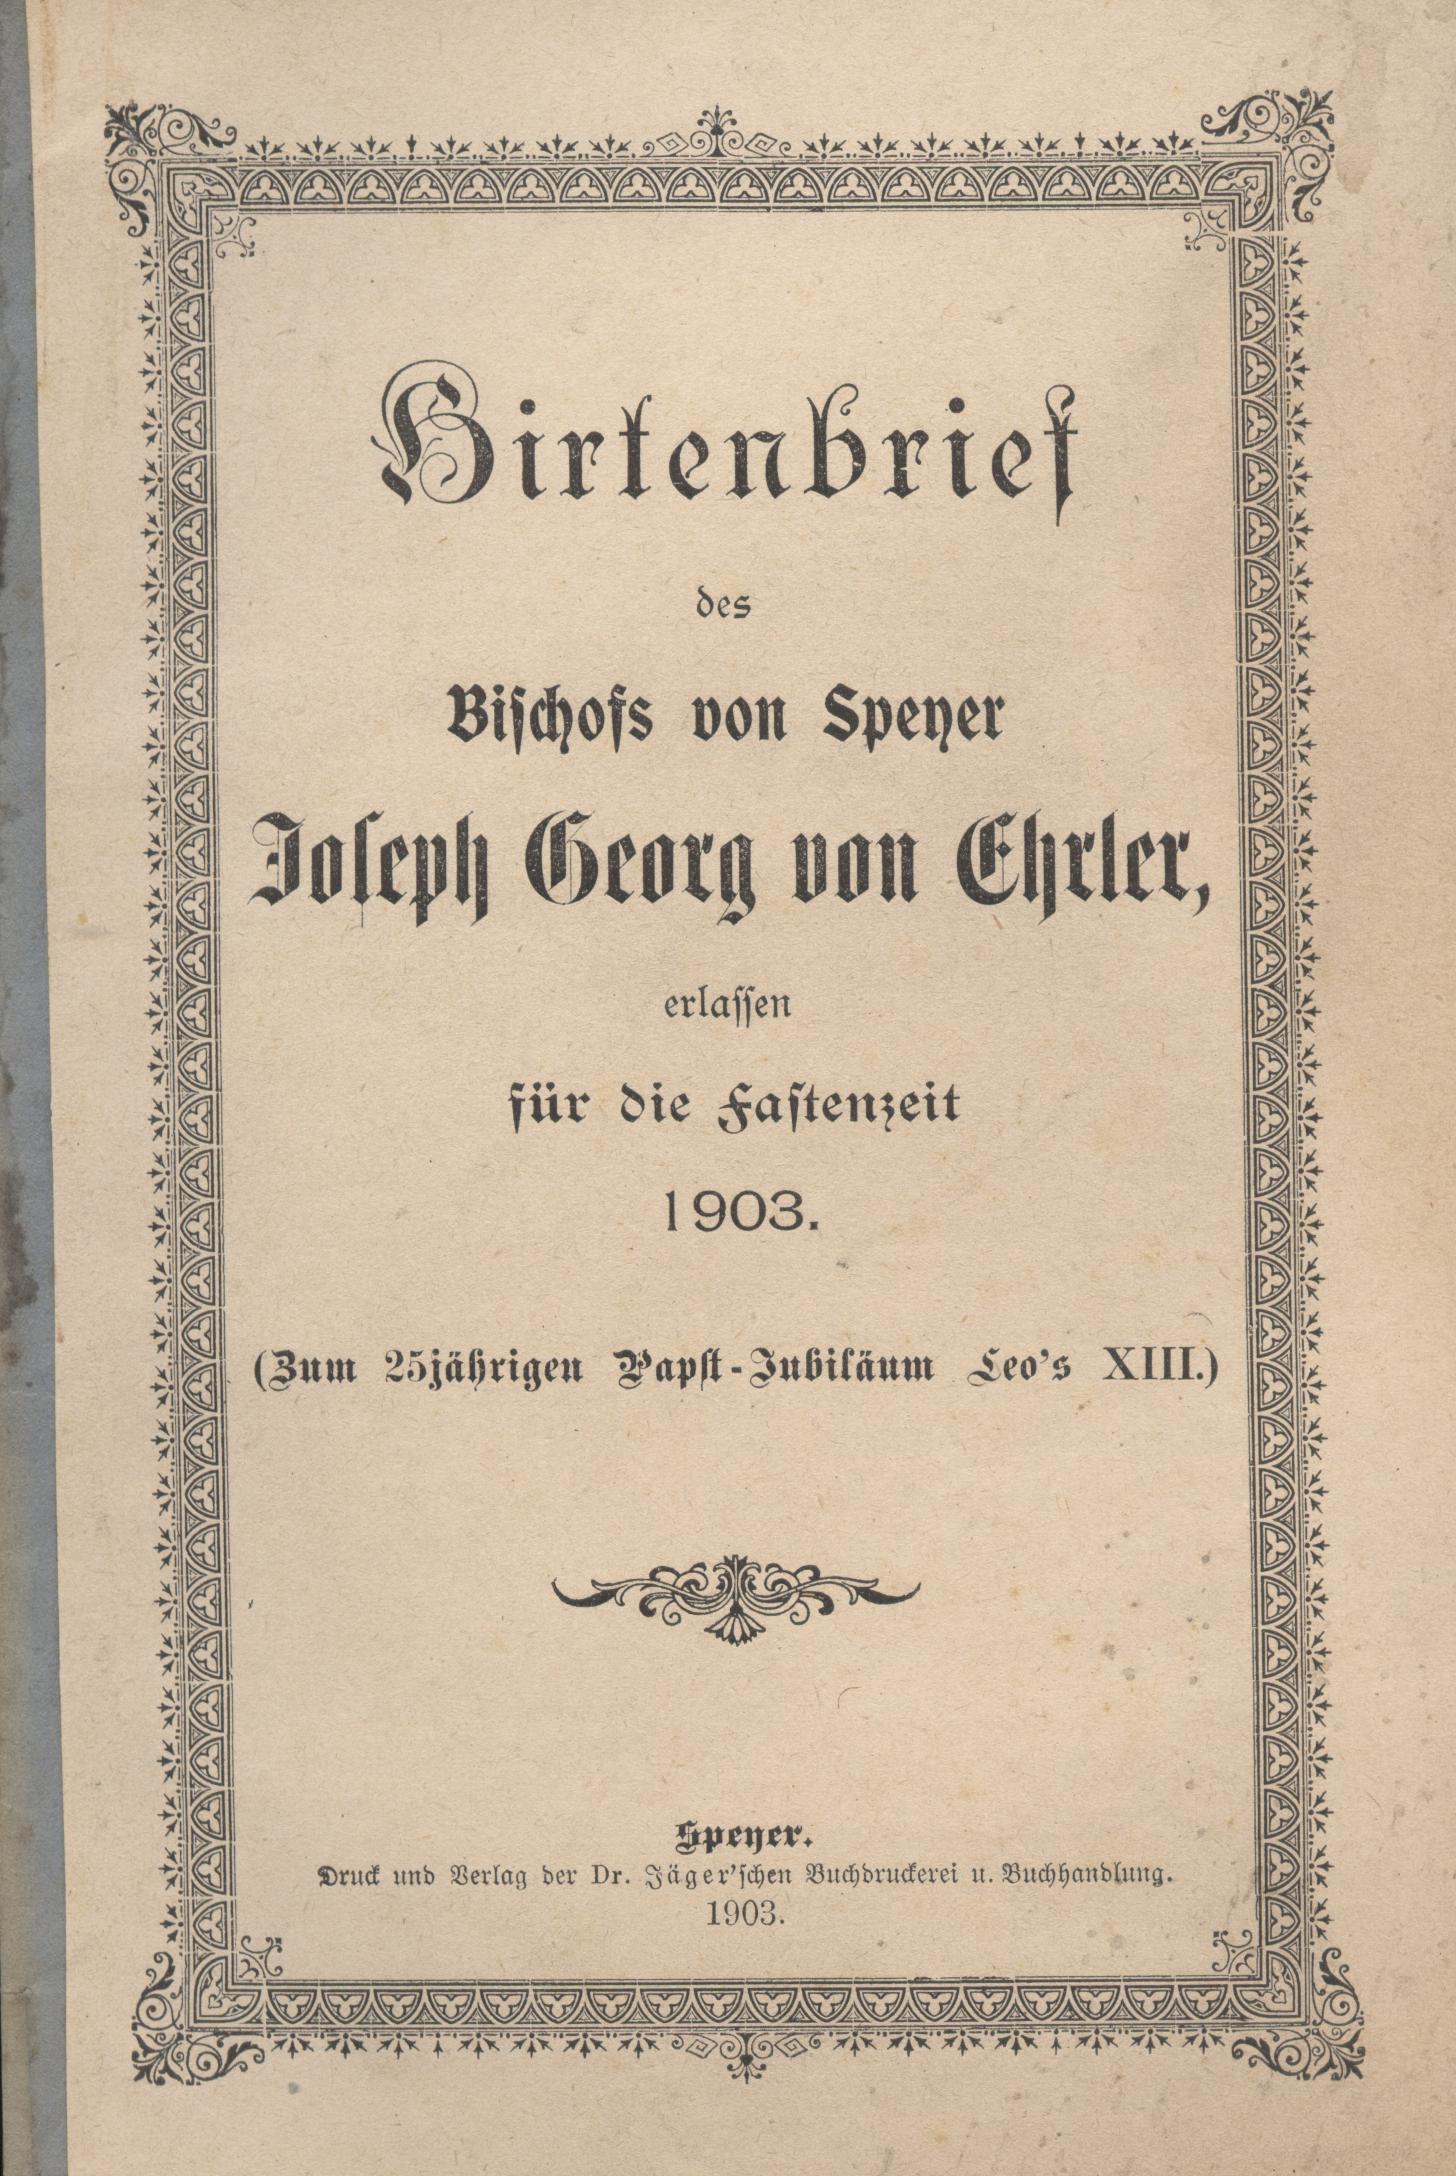 Dateihirtenbrief Jäger Verlag Speyer Jsjpg Wikipedia